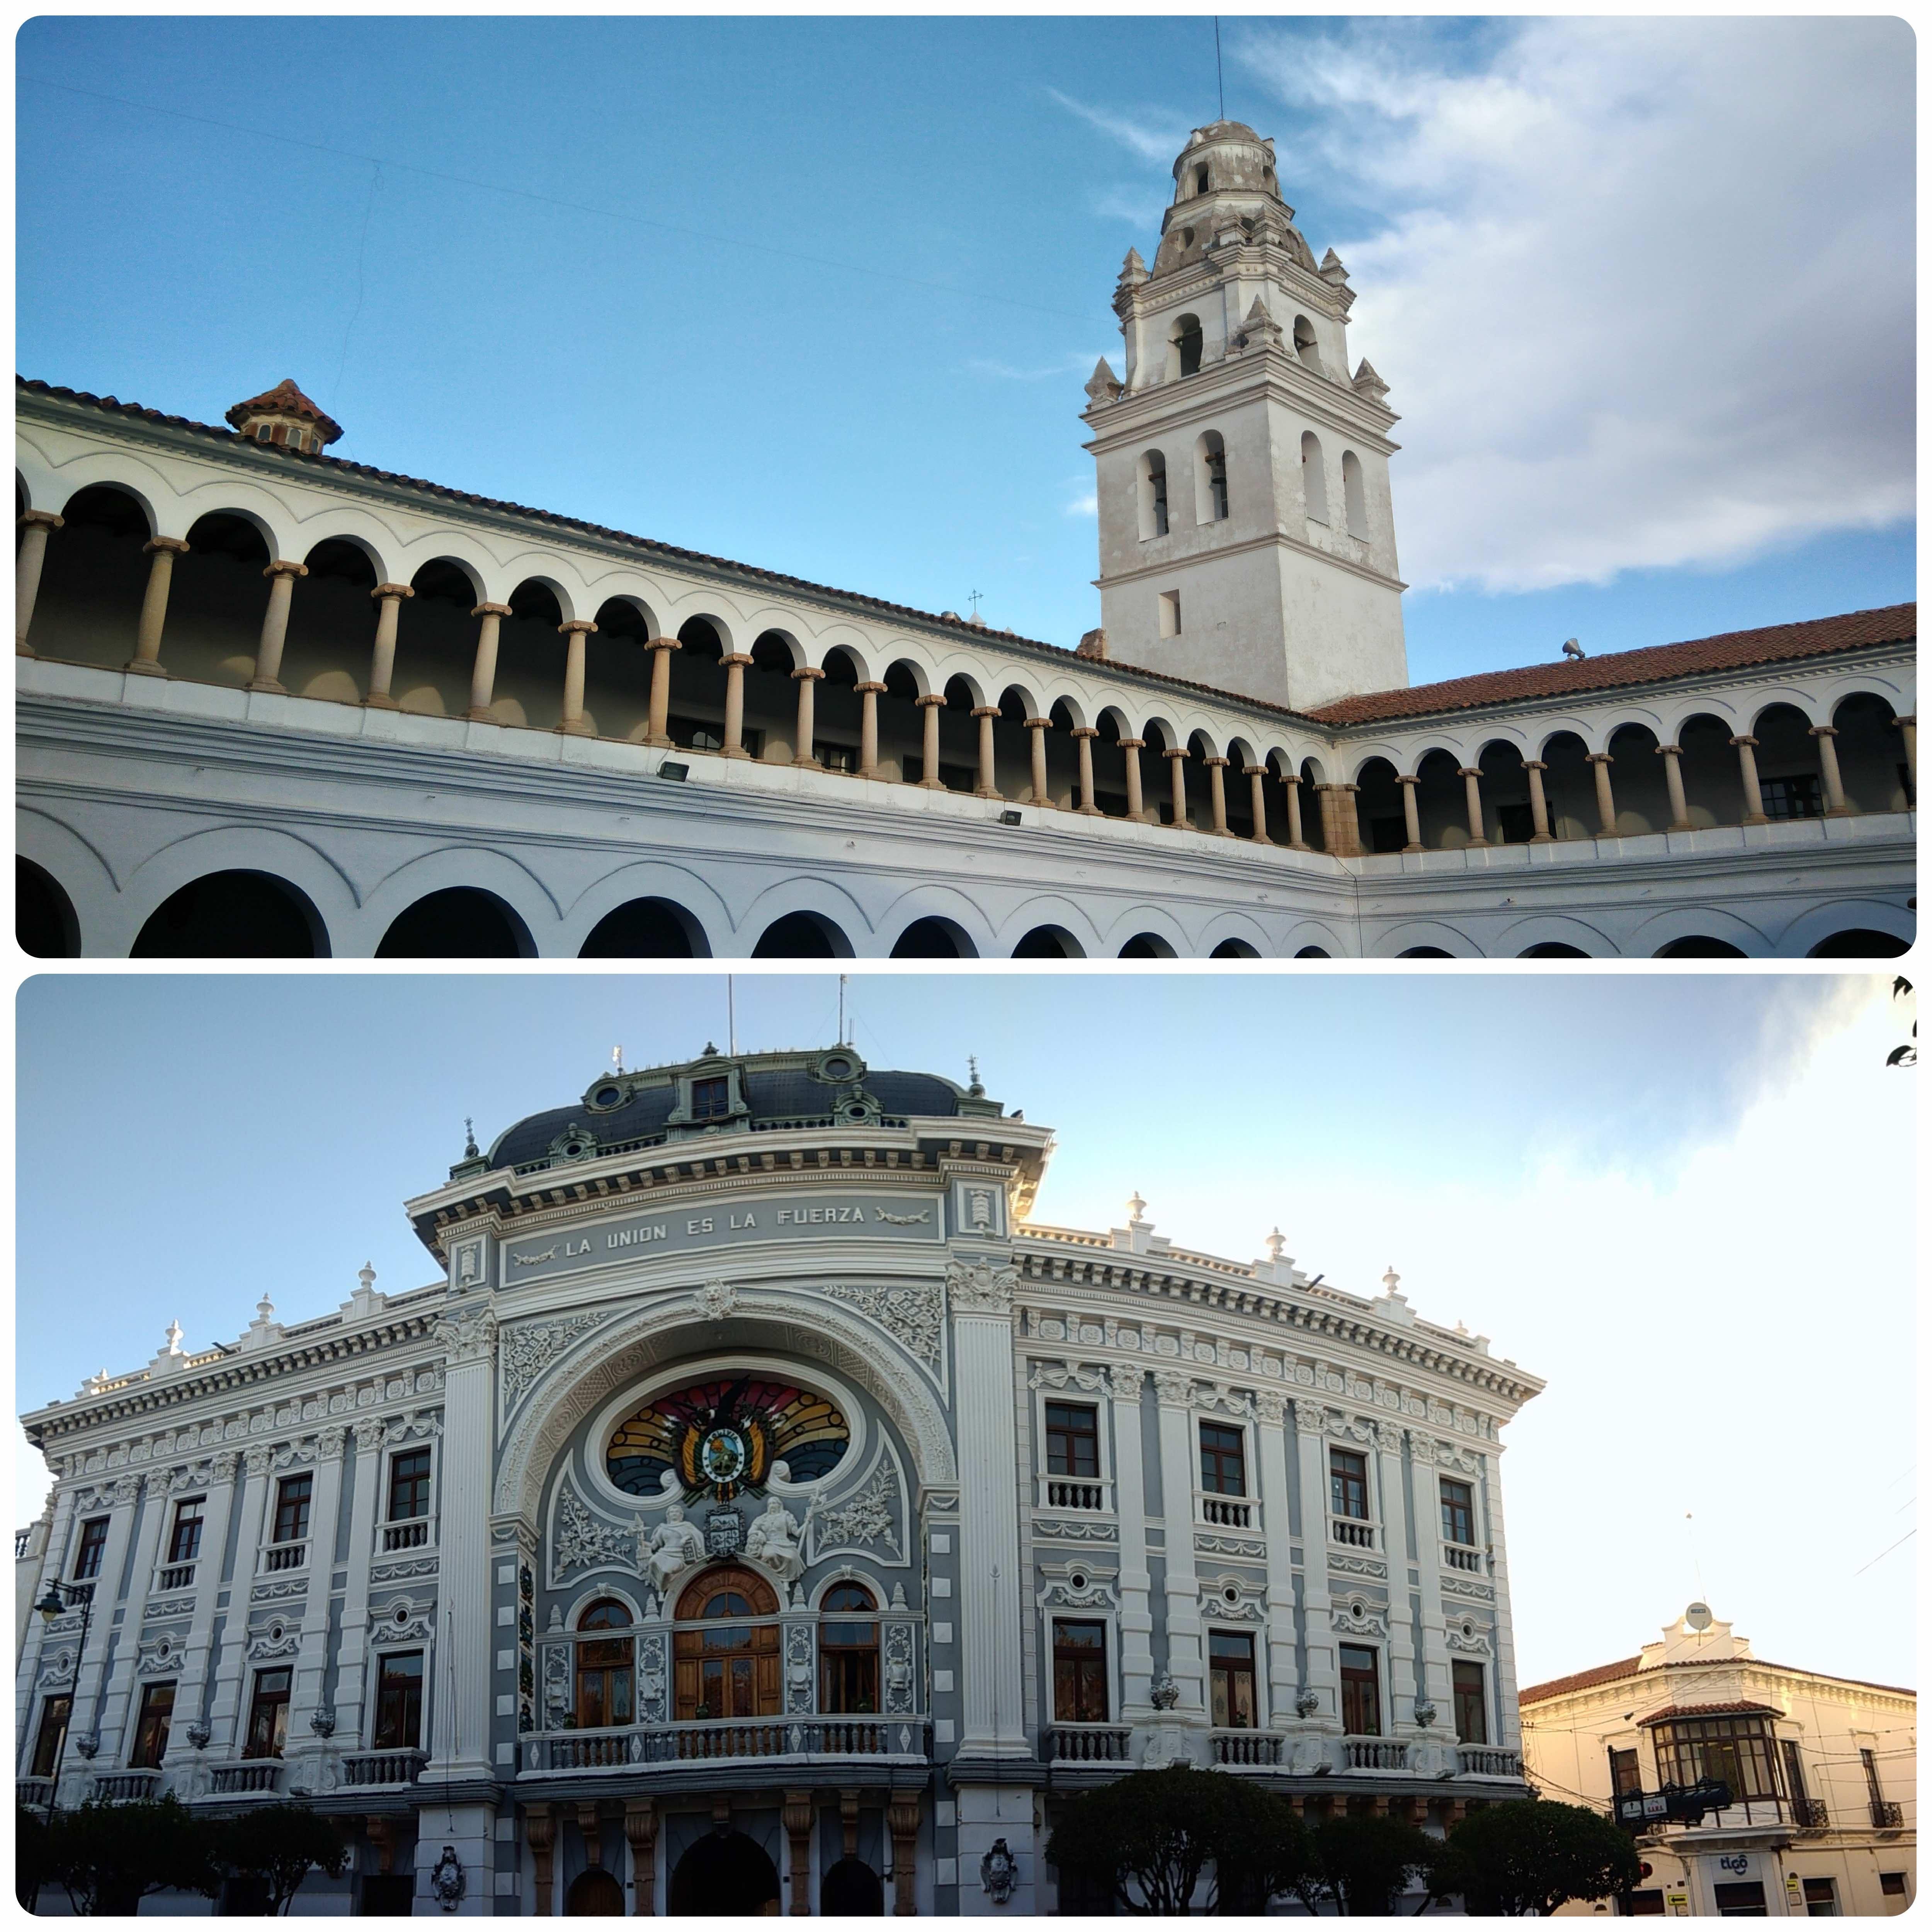 012 2910 Sucre Casa de la Libertad 28jpeg